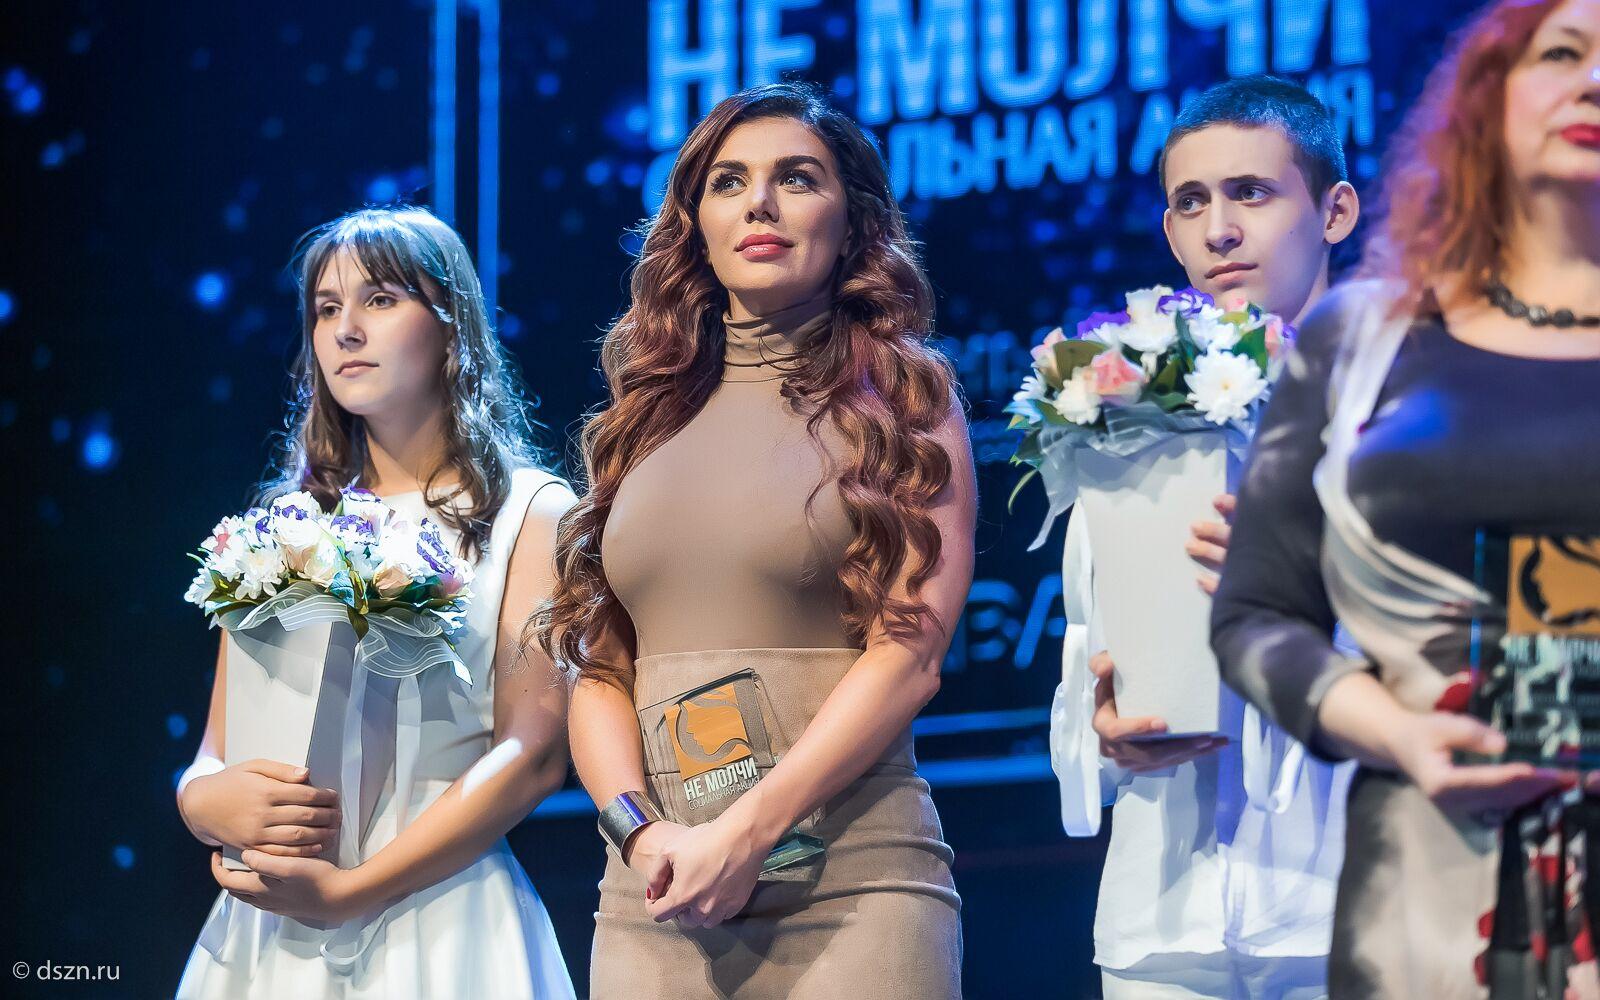 Кризисная девушка модель в социальной работе работа для девушек в славянске на кубани